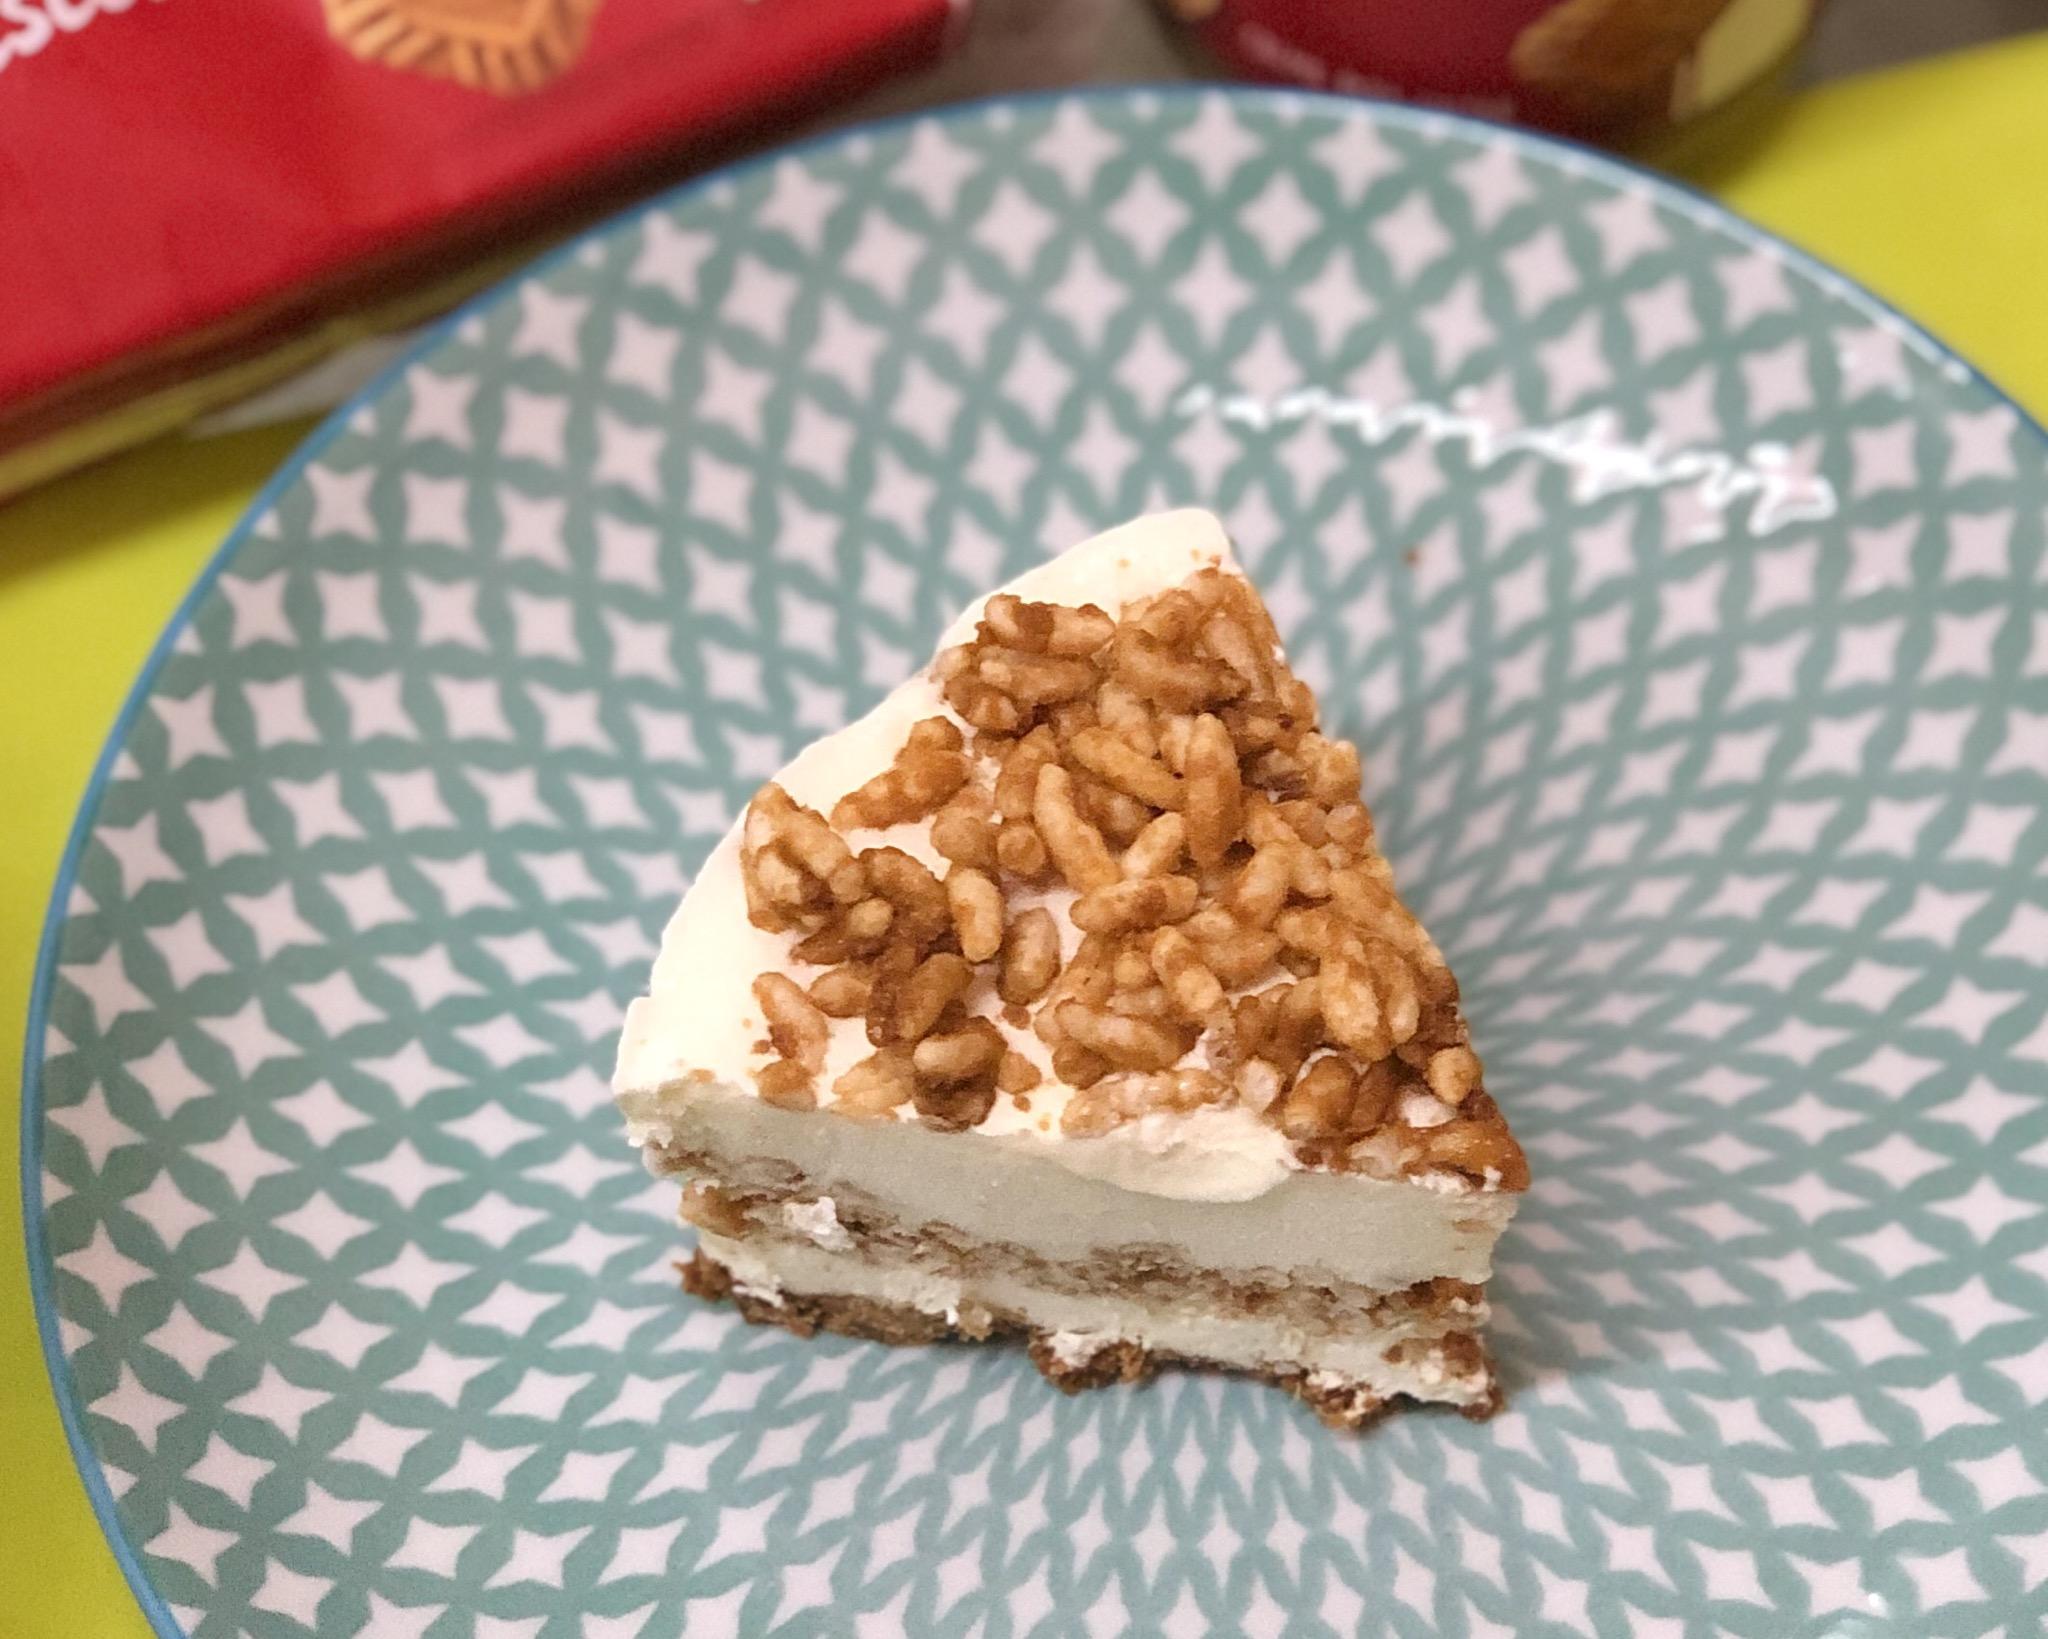 biscoff vanilla crunch ice cream